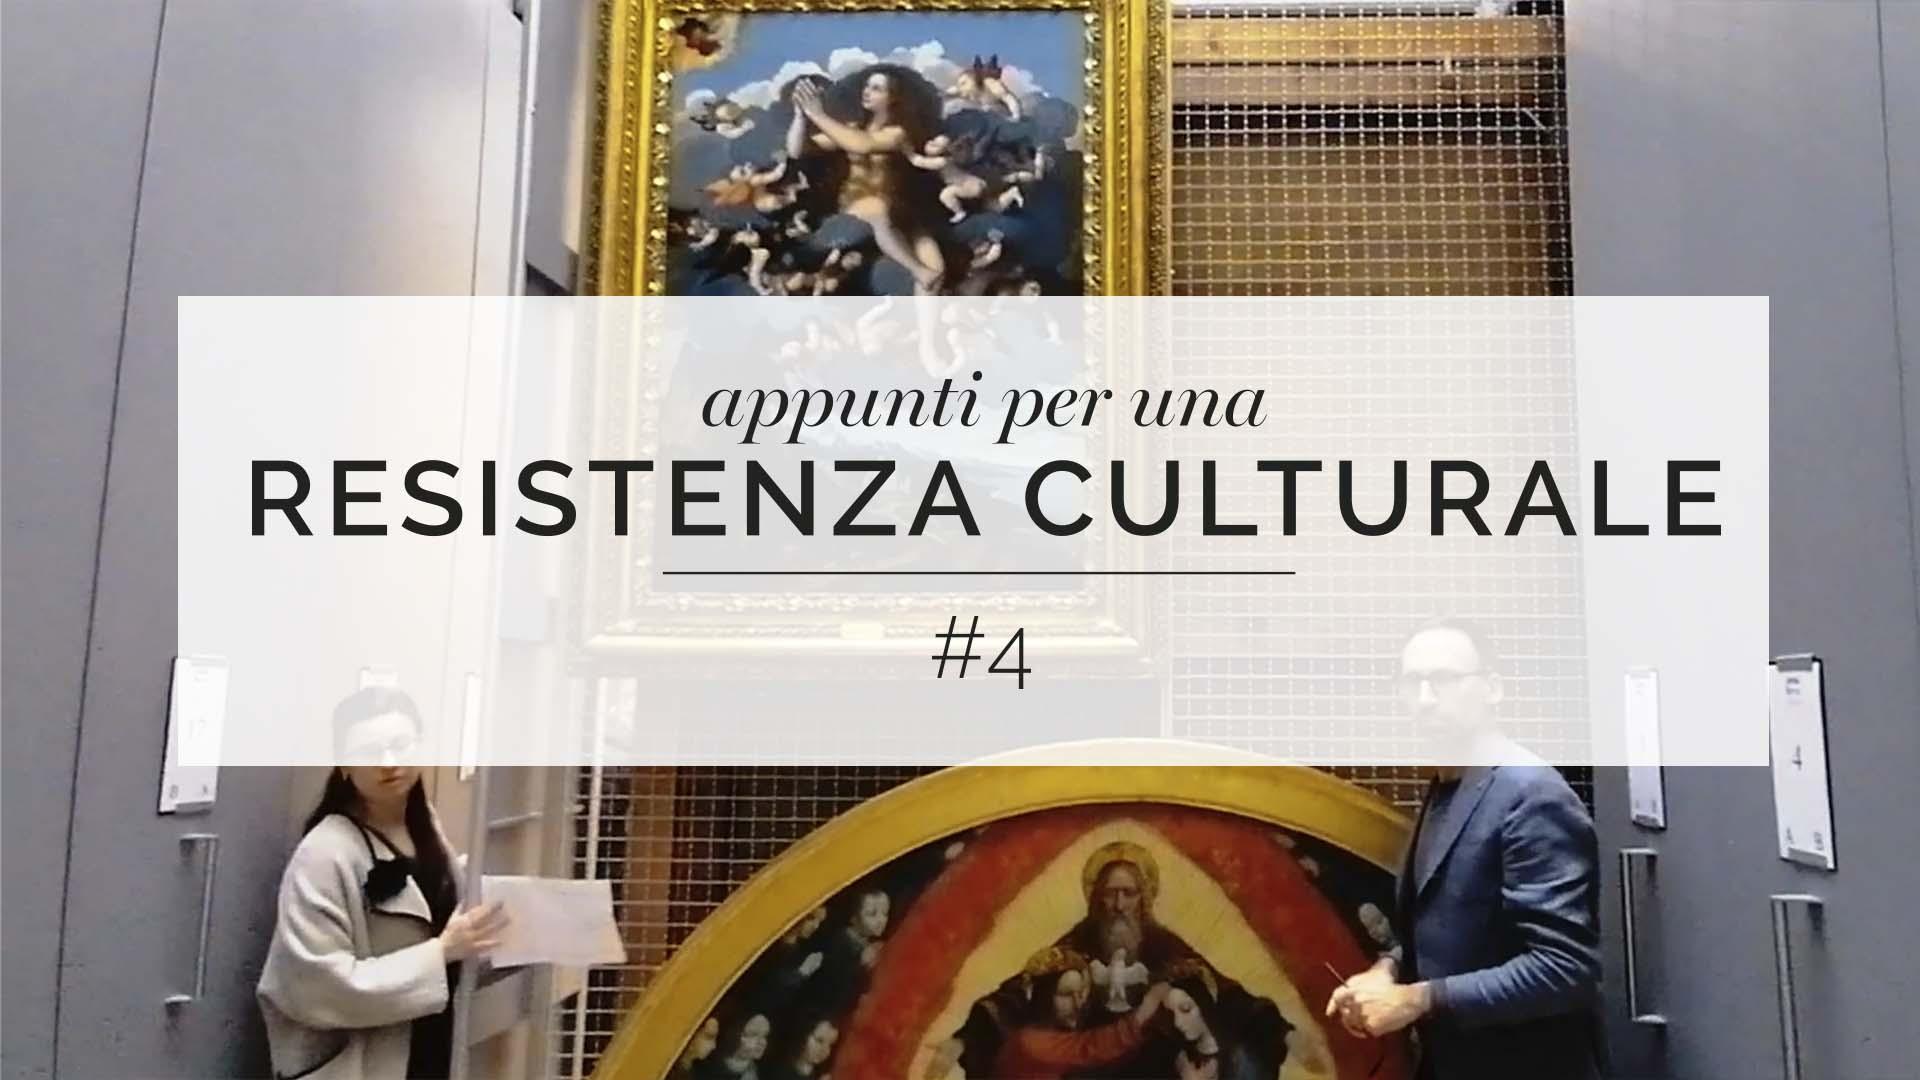 Appunti per una resistenza culturale #4